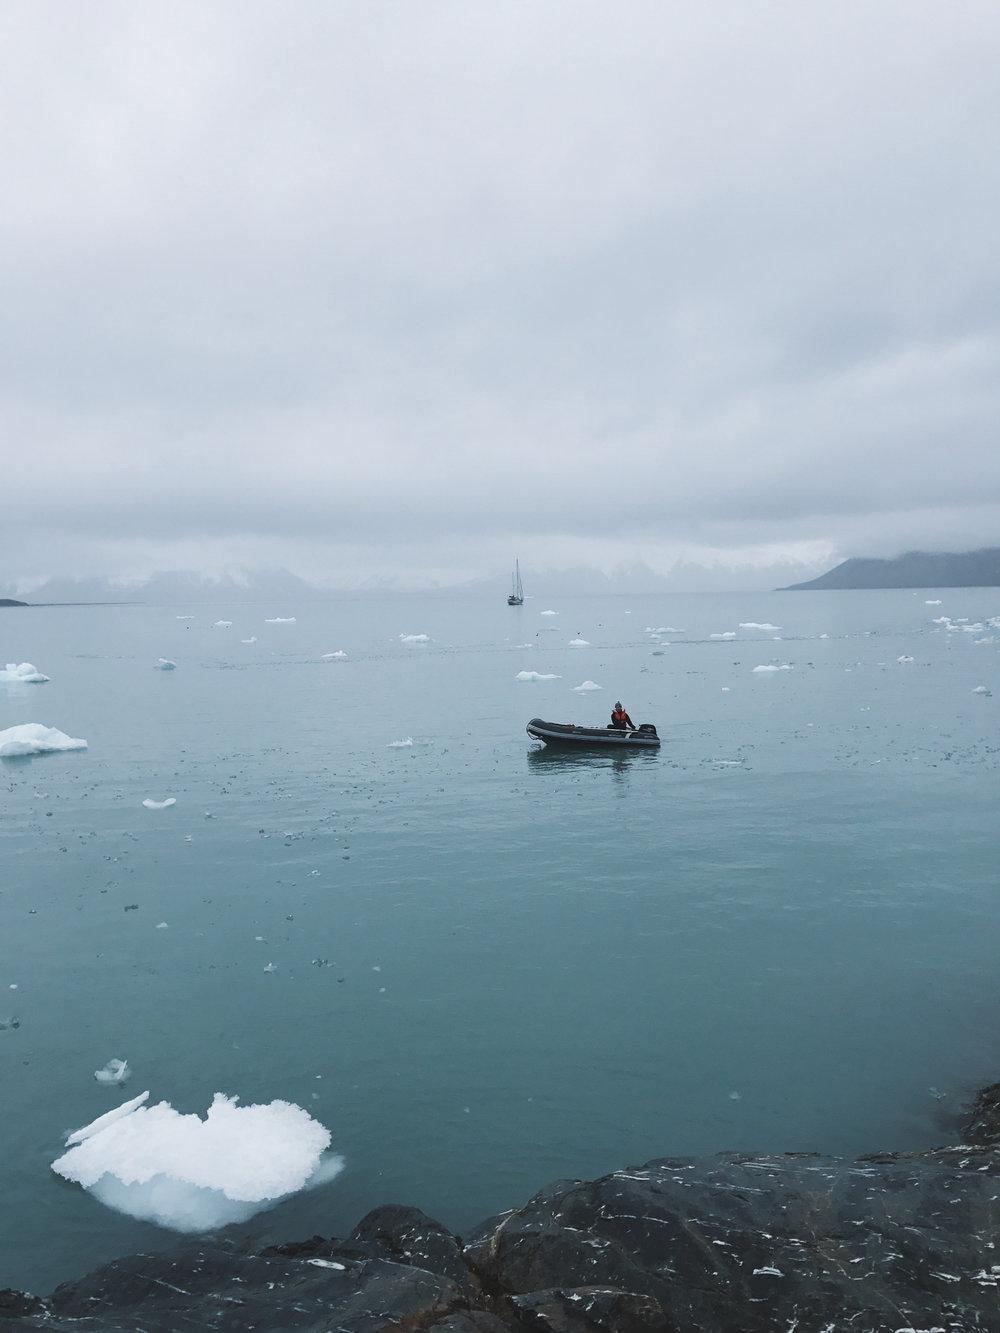 Svalbard_2018_Pukka_Perri_Rothenberg-148.jpg